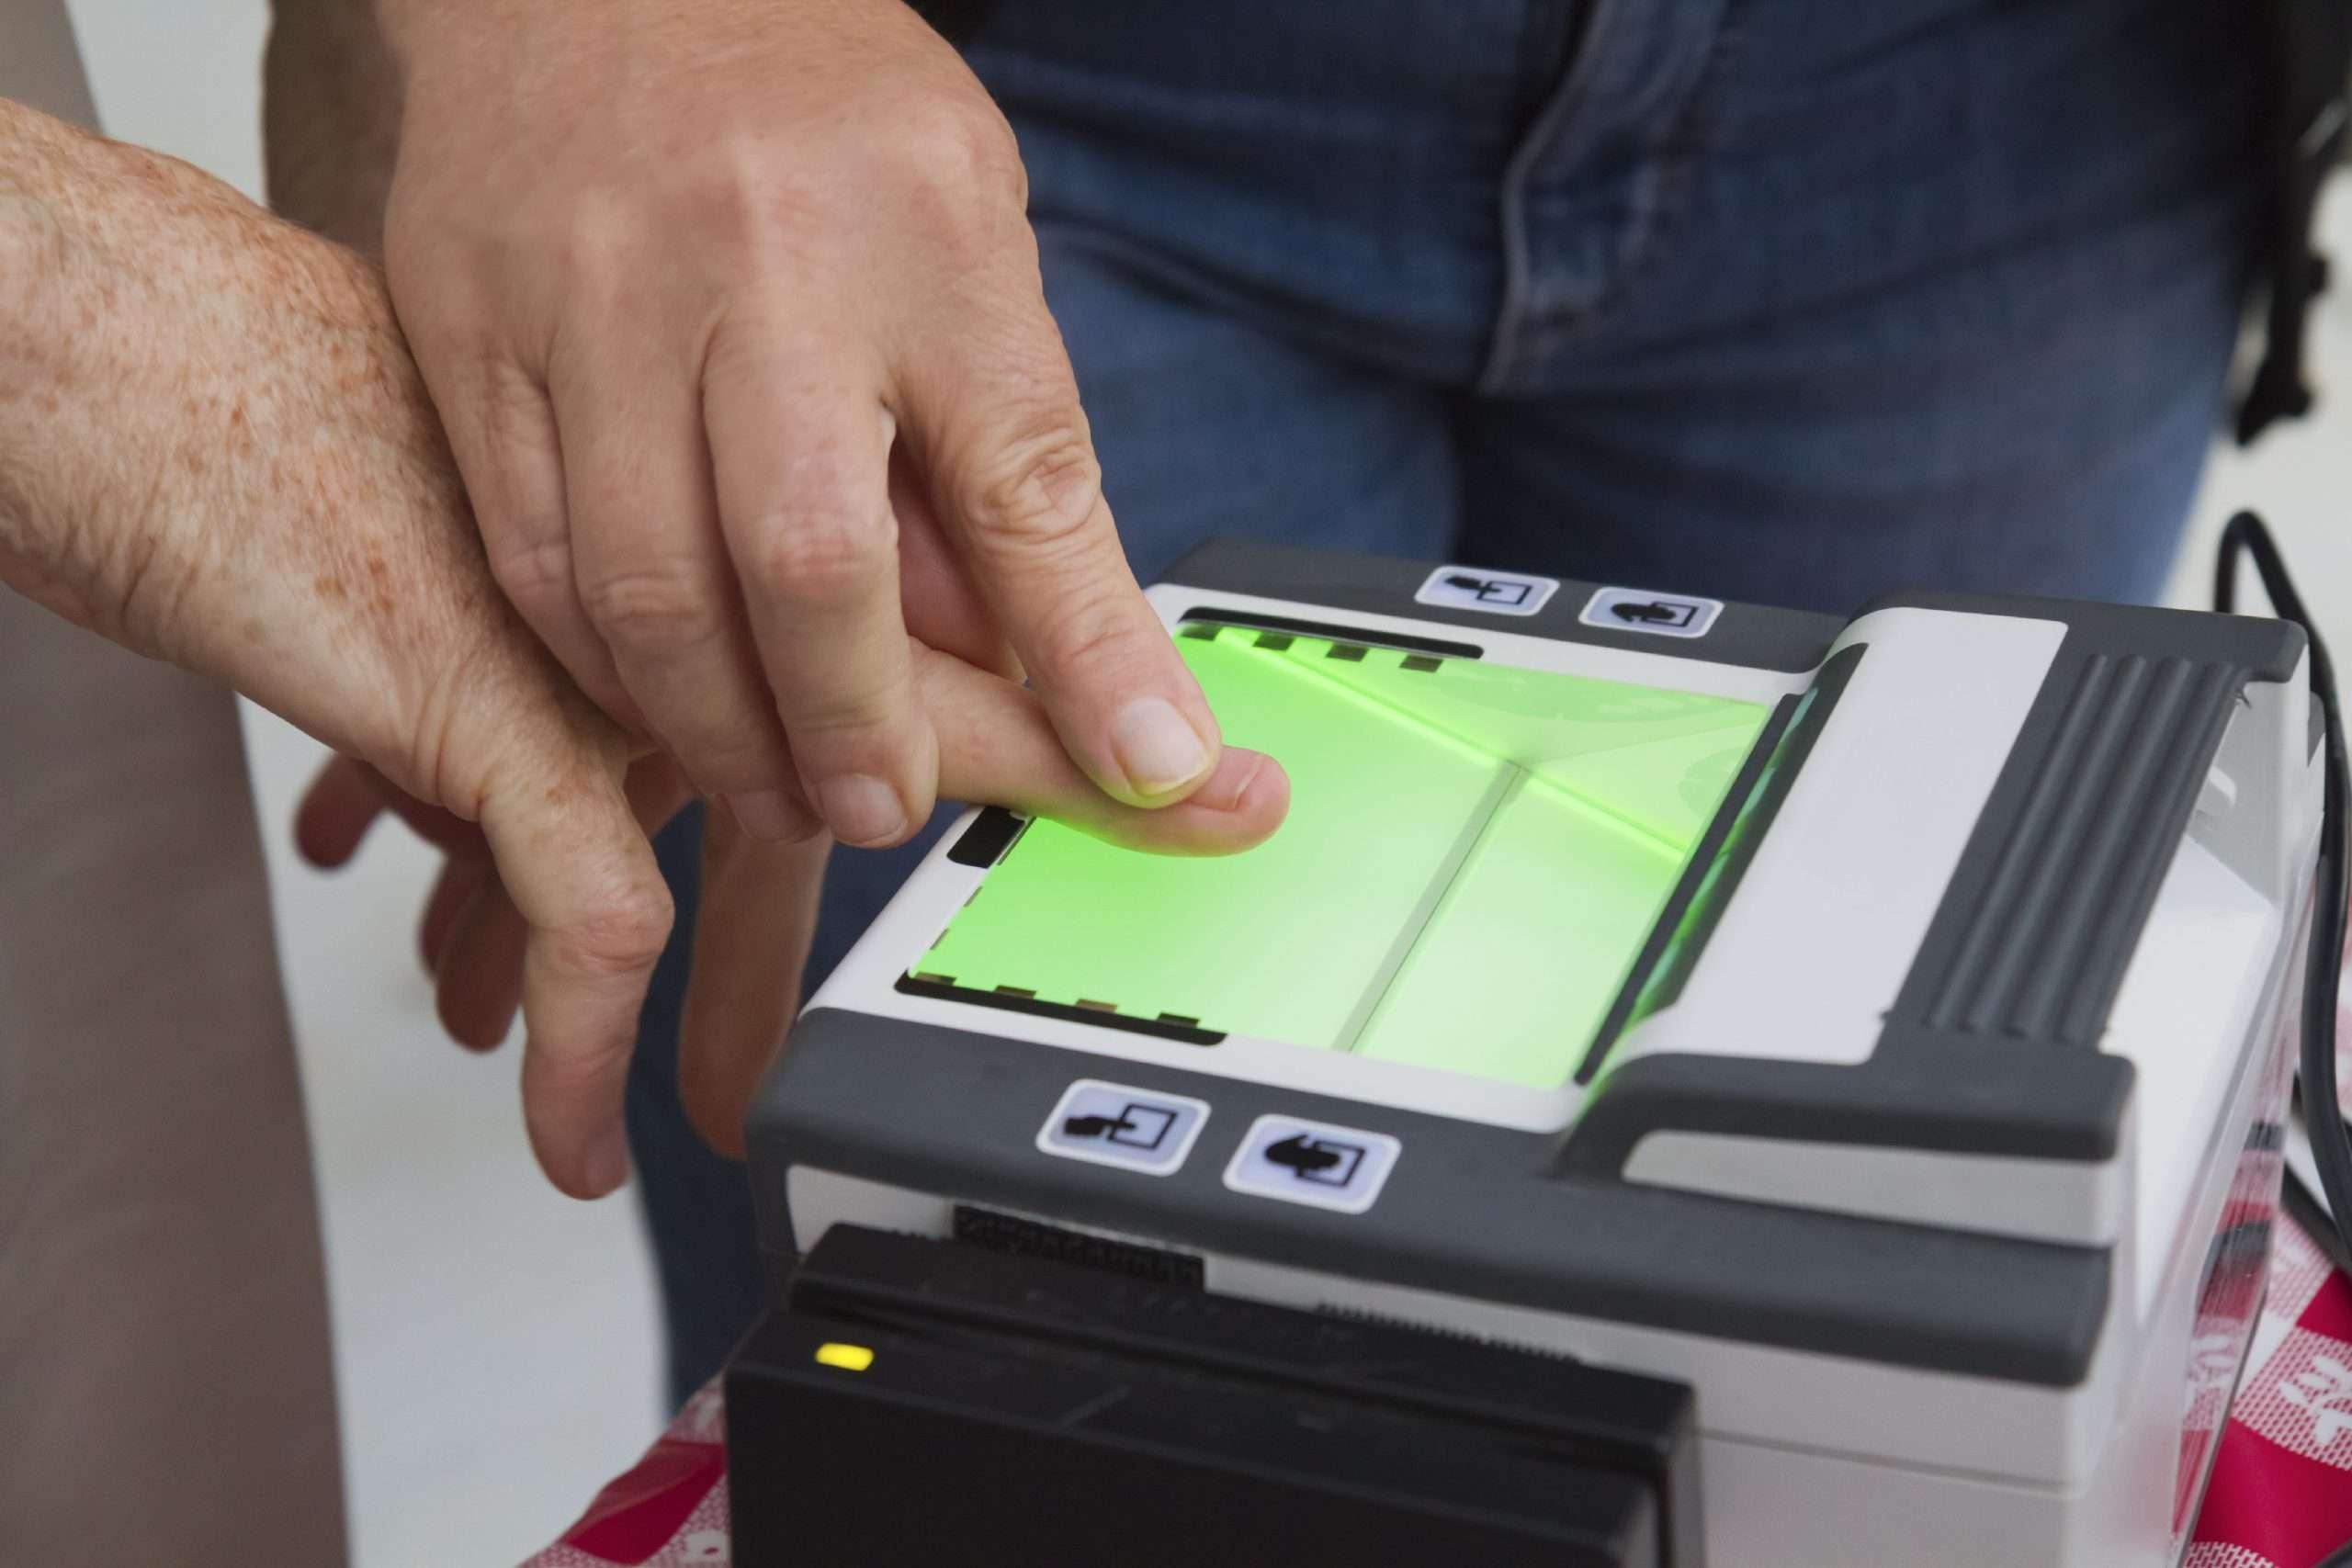 Američka vlada odbacila novo biometrijsko pravilo vezano za imigrante